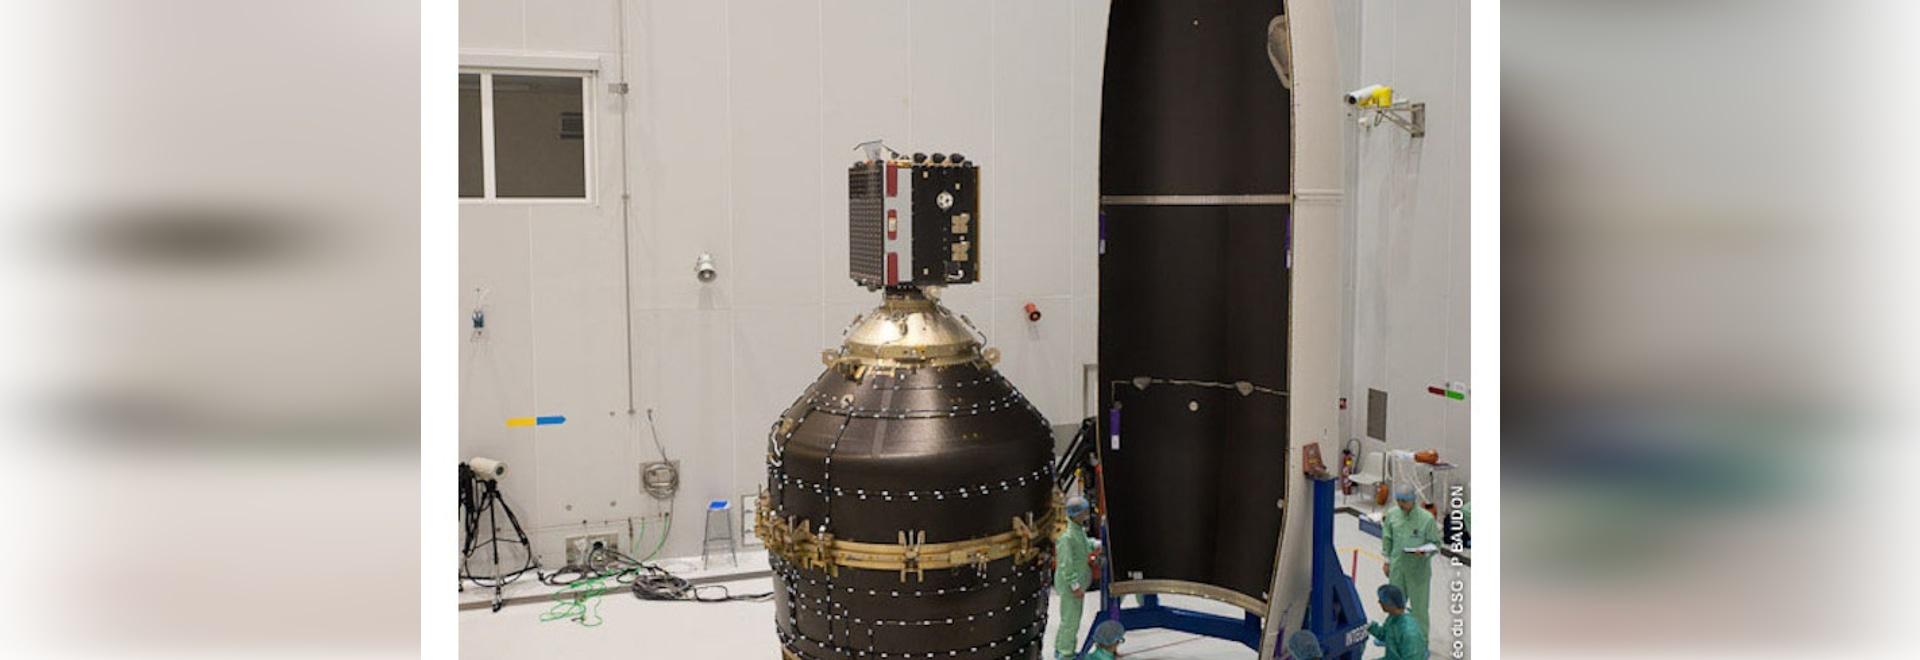 Europäische Weltraumorganisation startet Roboter zur Reinigung des Weltraums